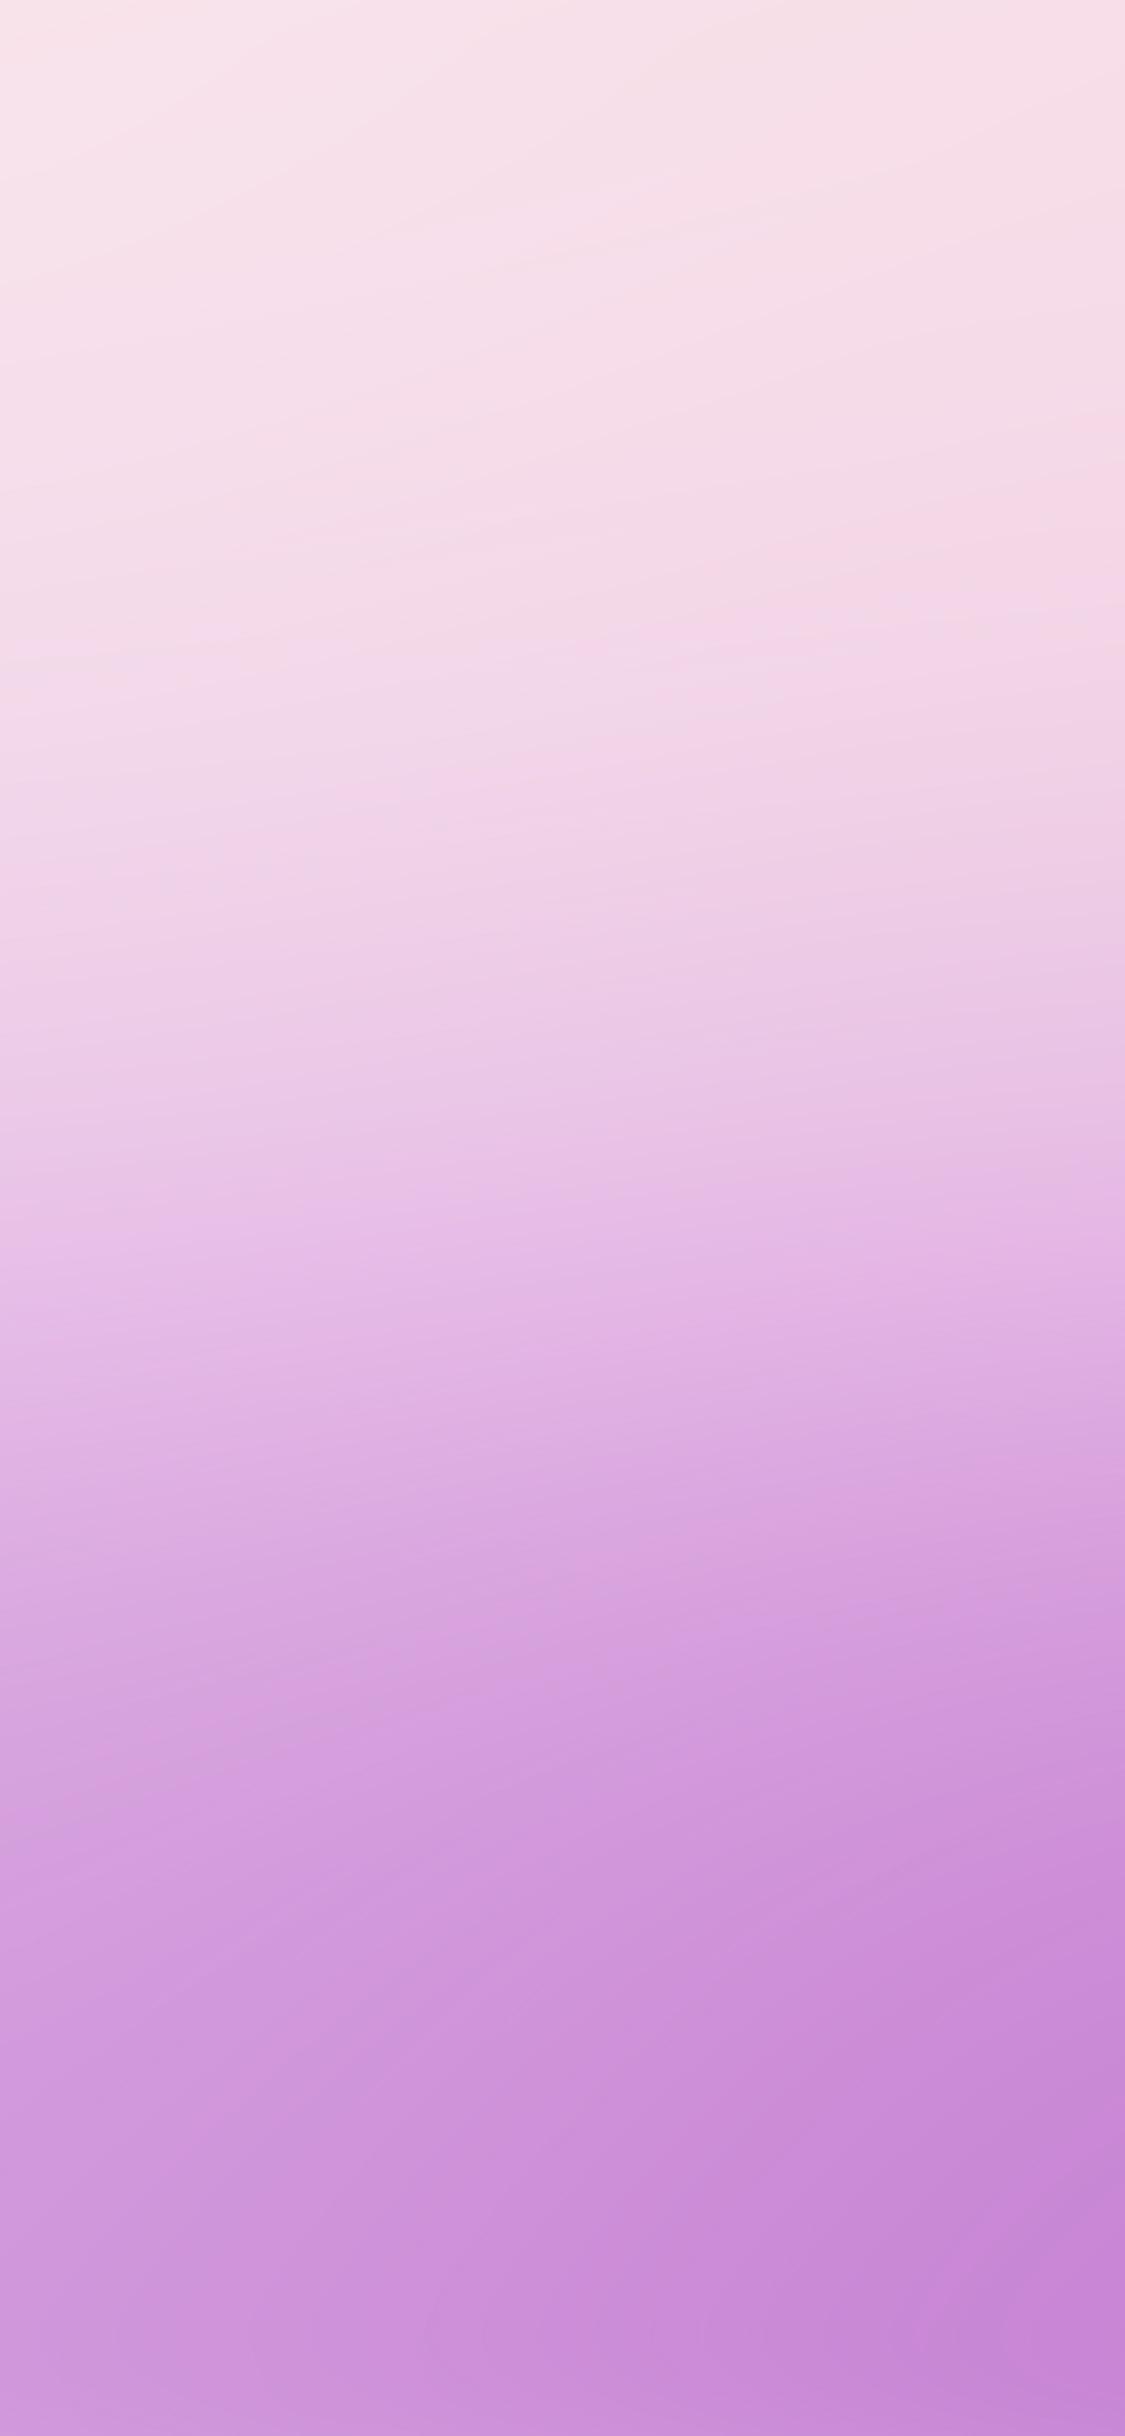 Plain Color Wallpaper For Iphone Sl95 Soft Pastel Violet Blur Gradation Wallpaper